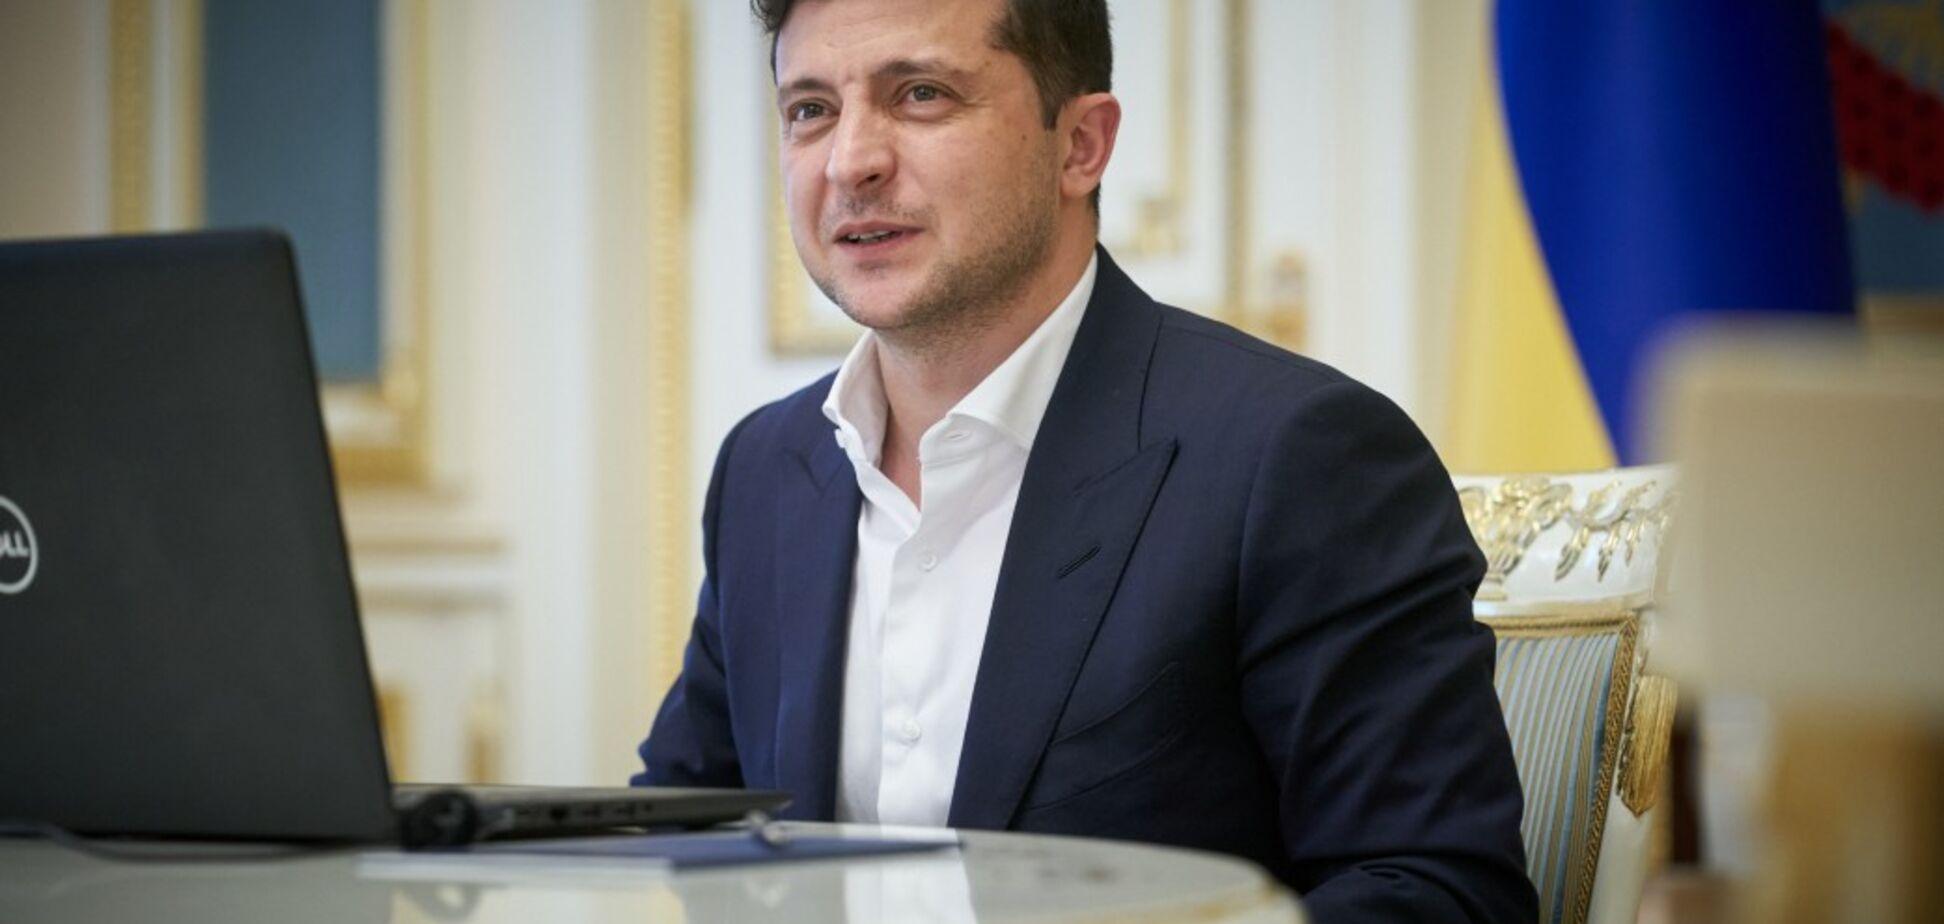 Зеленский сравнил Украину с цирком из-за коронавируса